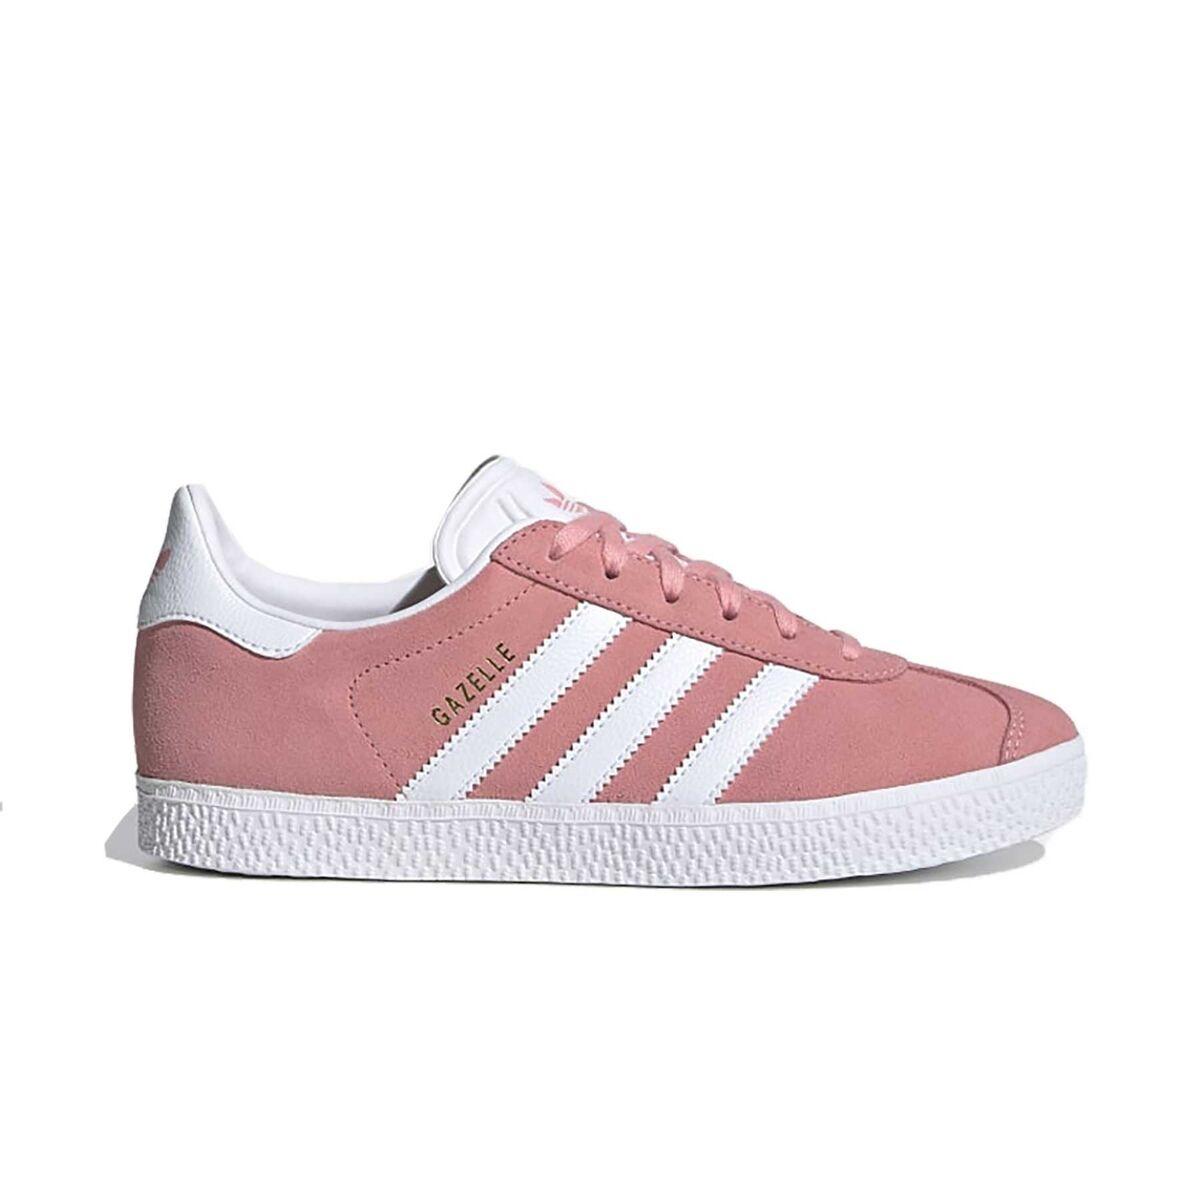 Adidas GAZELLE GS BAMBINA